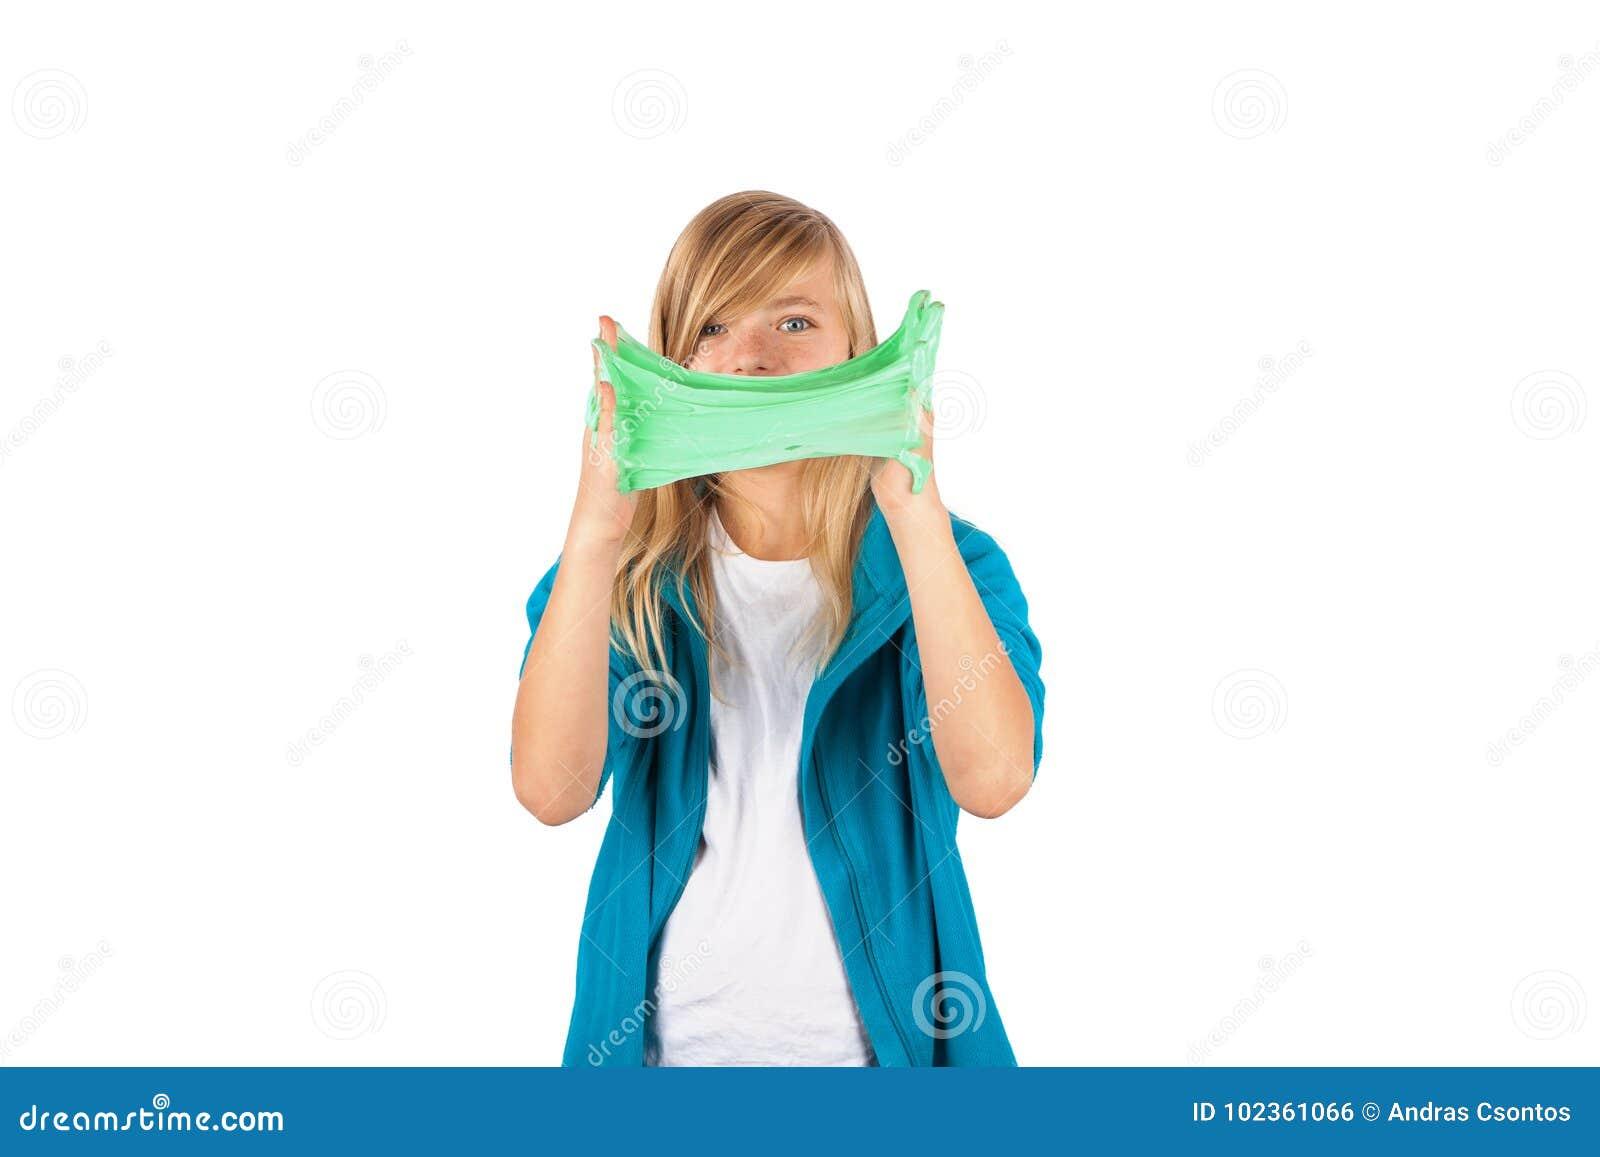 Το αστείο κορίτσι που κρατά πράσινο slime μοιάζει με το gunk μπροστά από το φ της